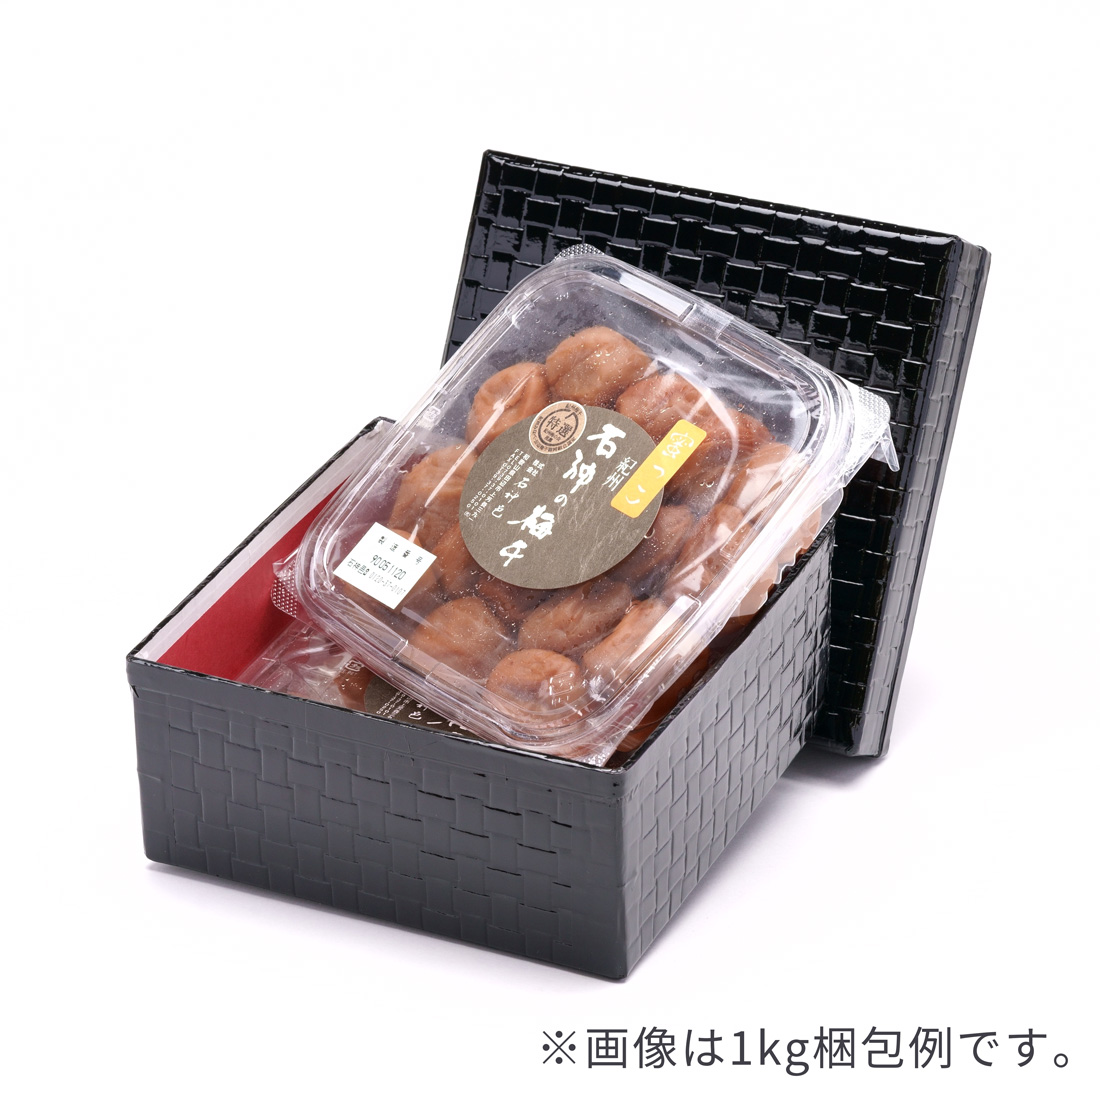 高級南高梅【白干梅】紀州塗箱 網代模様仕上げ商品写真